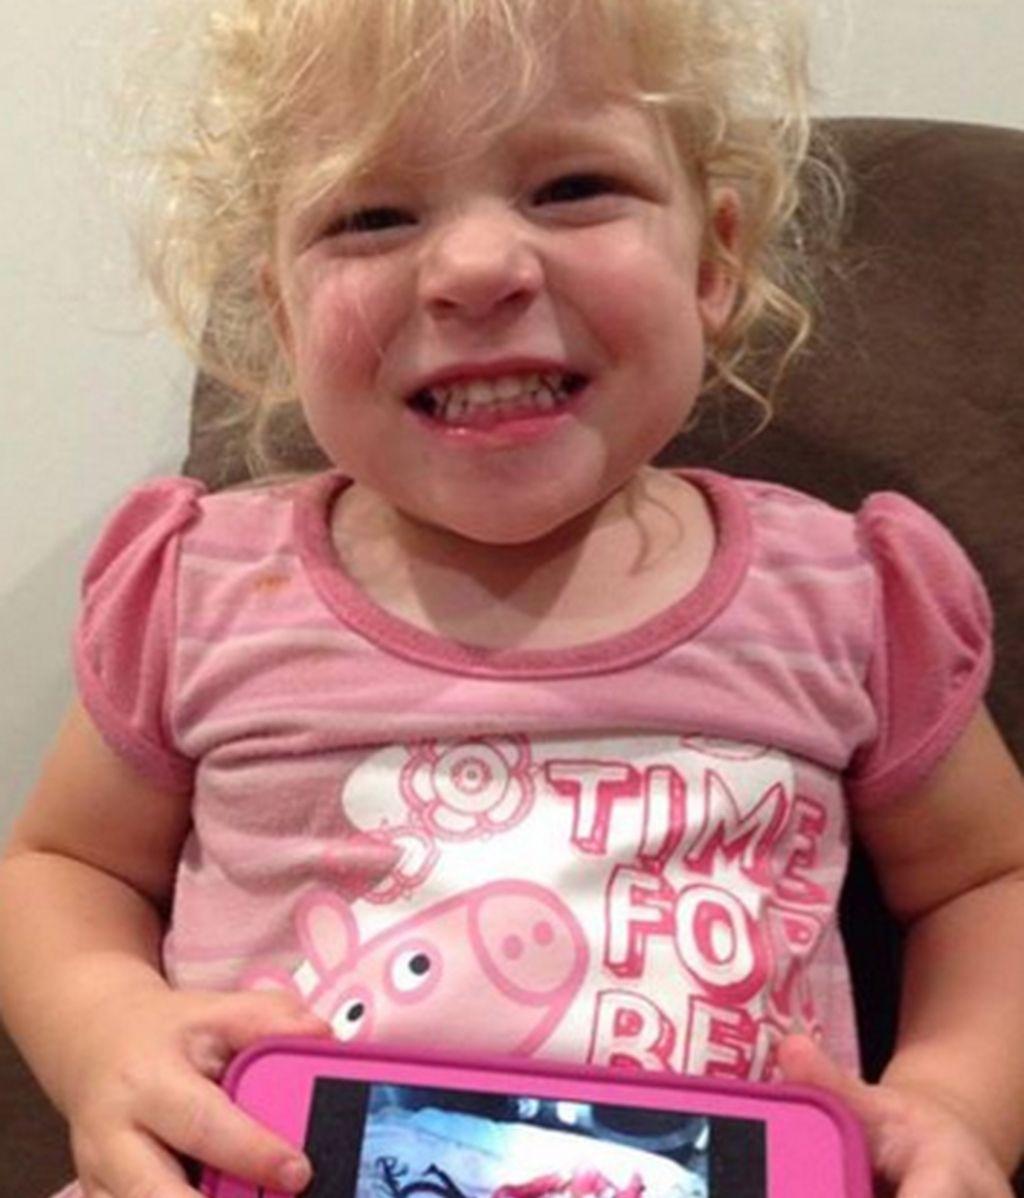 La asociación L'il Aussie Prems Fundation, aporta asistencia psicológica y económica a los padres